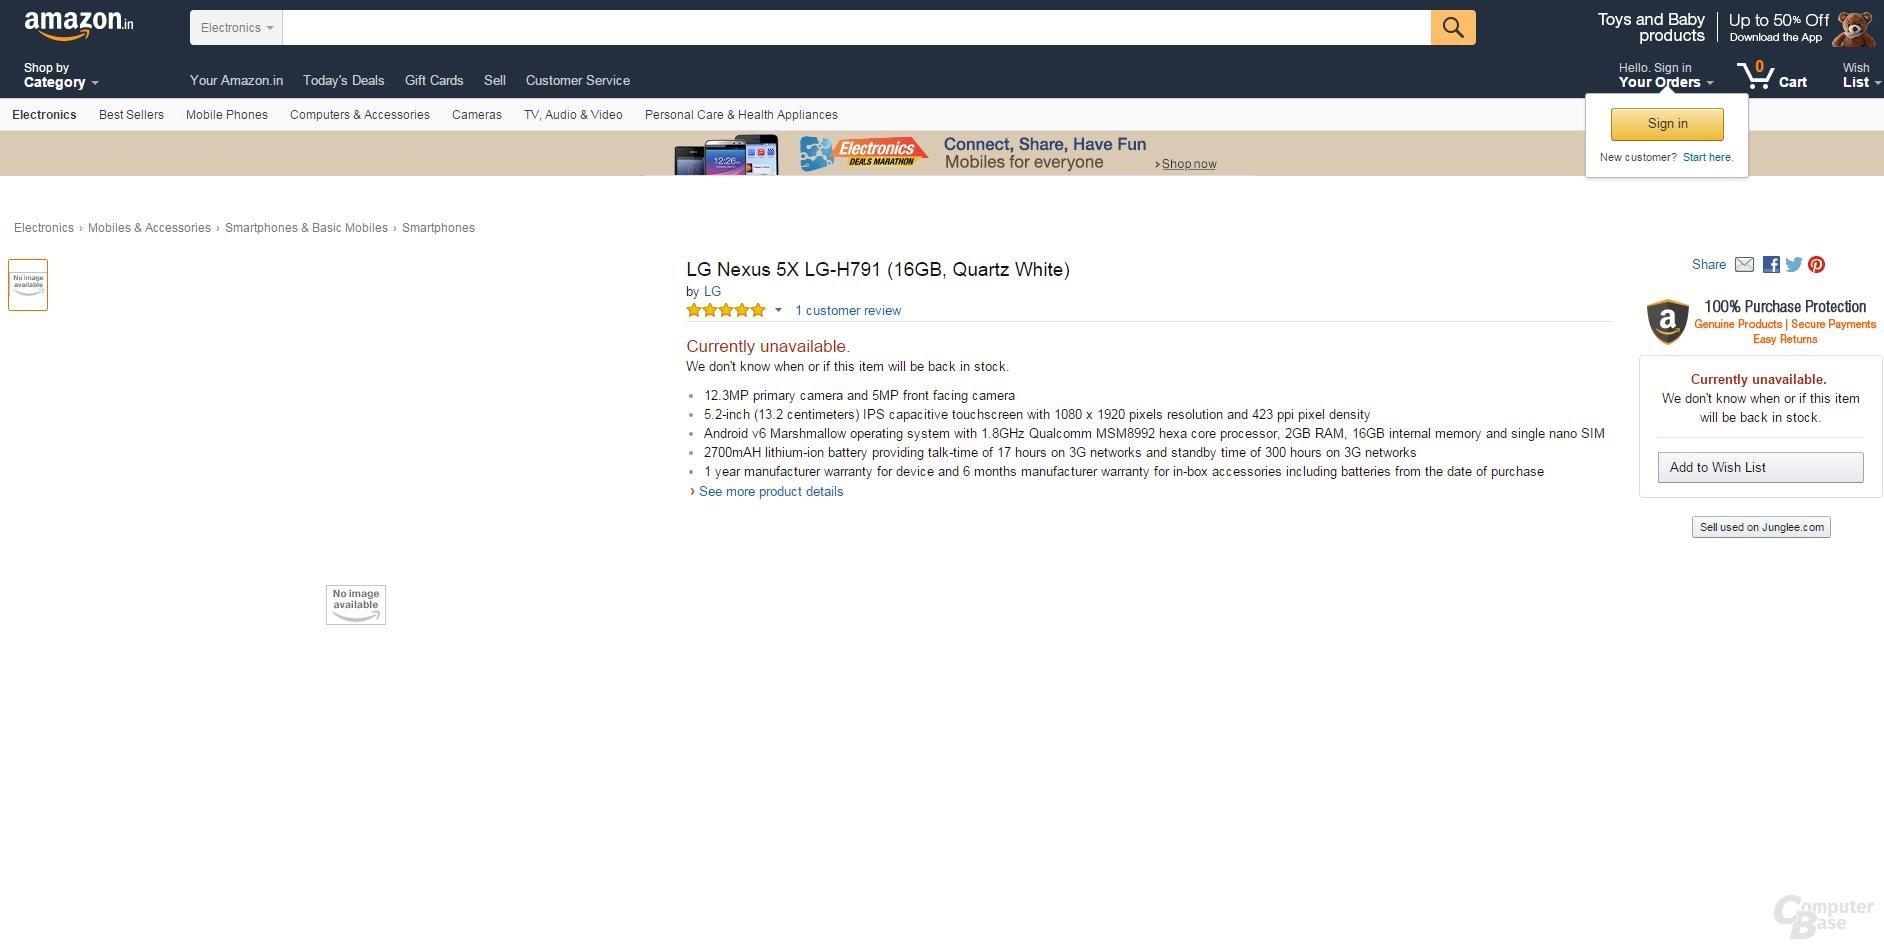 Listung des Nexus 5X auf Amazon.in